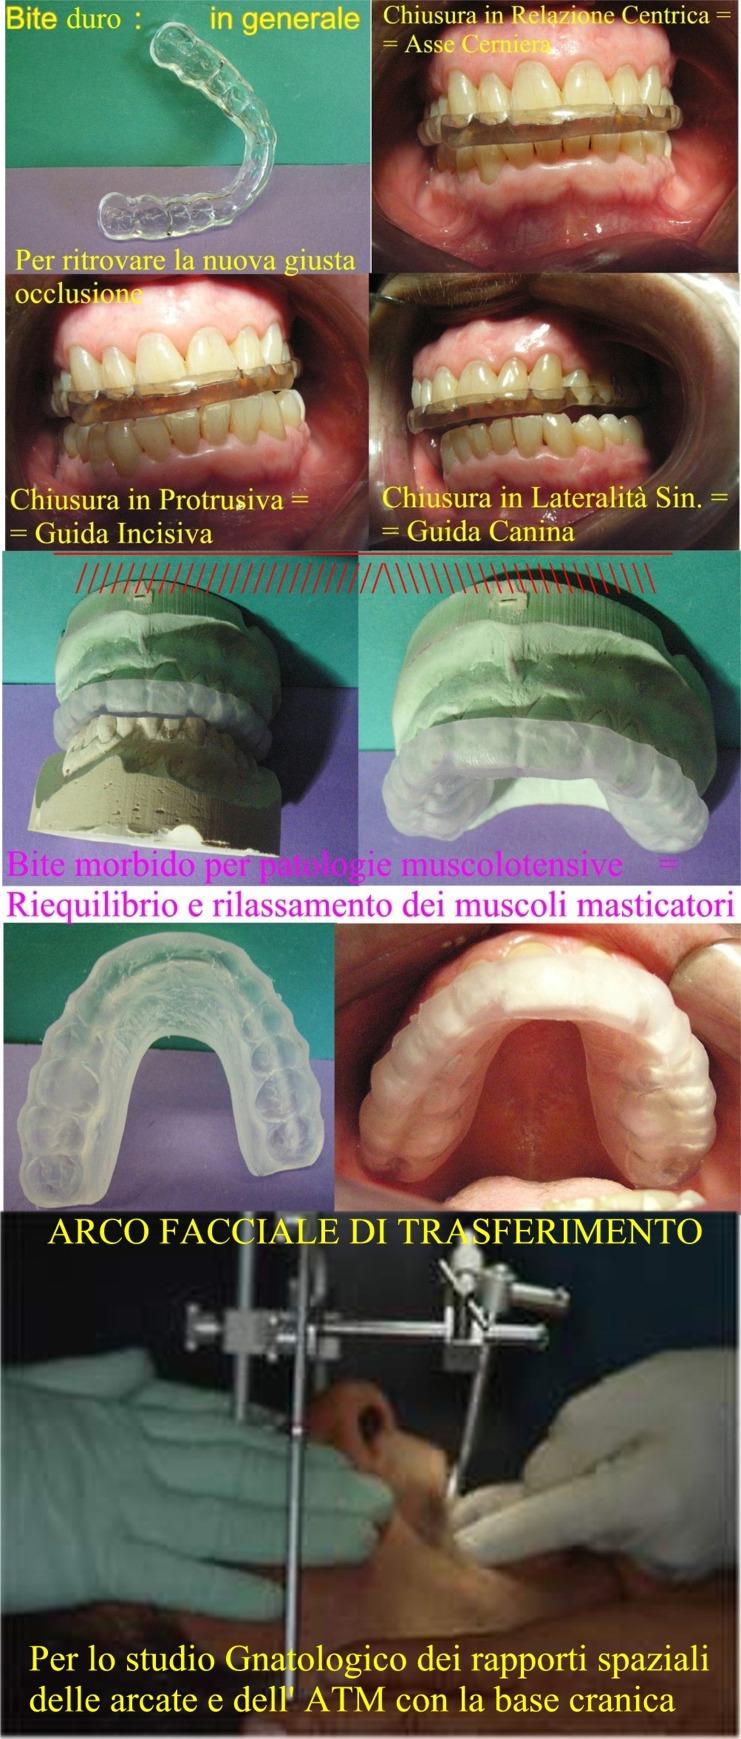 Diversi tipi di bte ed arco facciale di trasferimento per diagnosi Gnatologica. Da casistica del Dr. Gustavo Petti Parodontologo Gnatologo di Cagliari